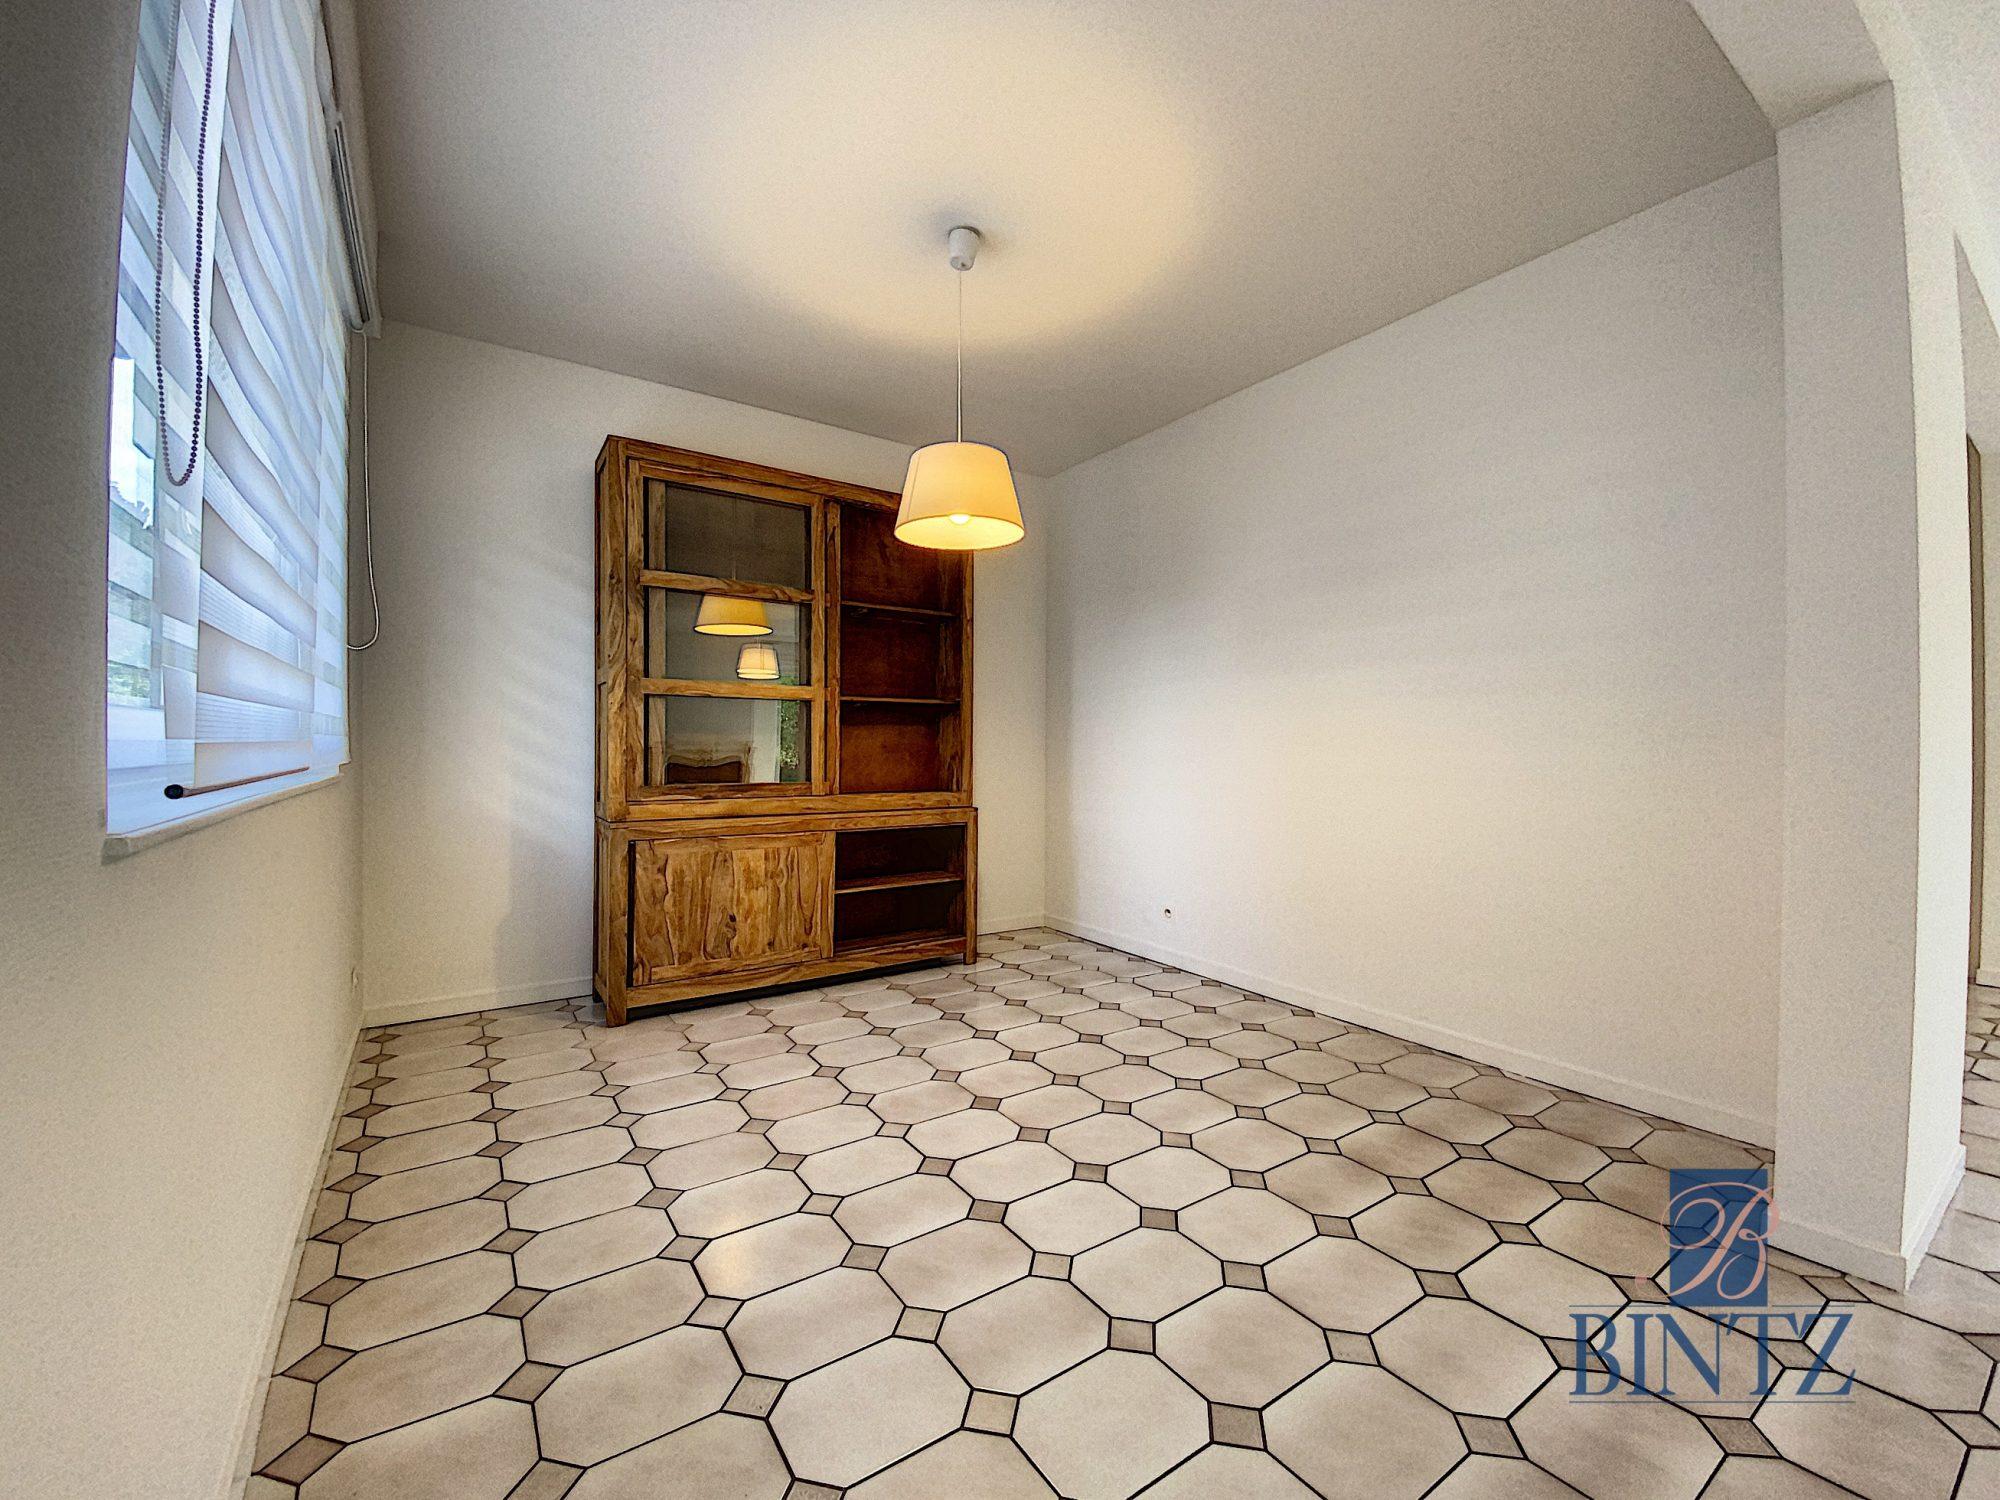 MAISON A LOUER ROBERTSAU - Devenez locataire en toute sérénité - Bintz Immobilier - 12